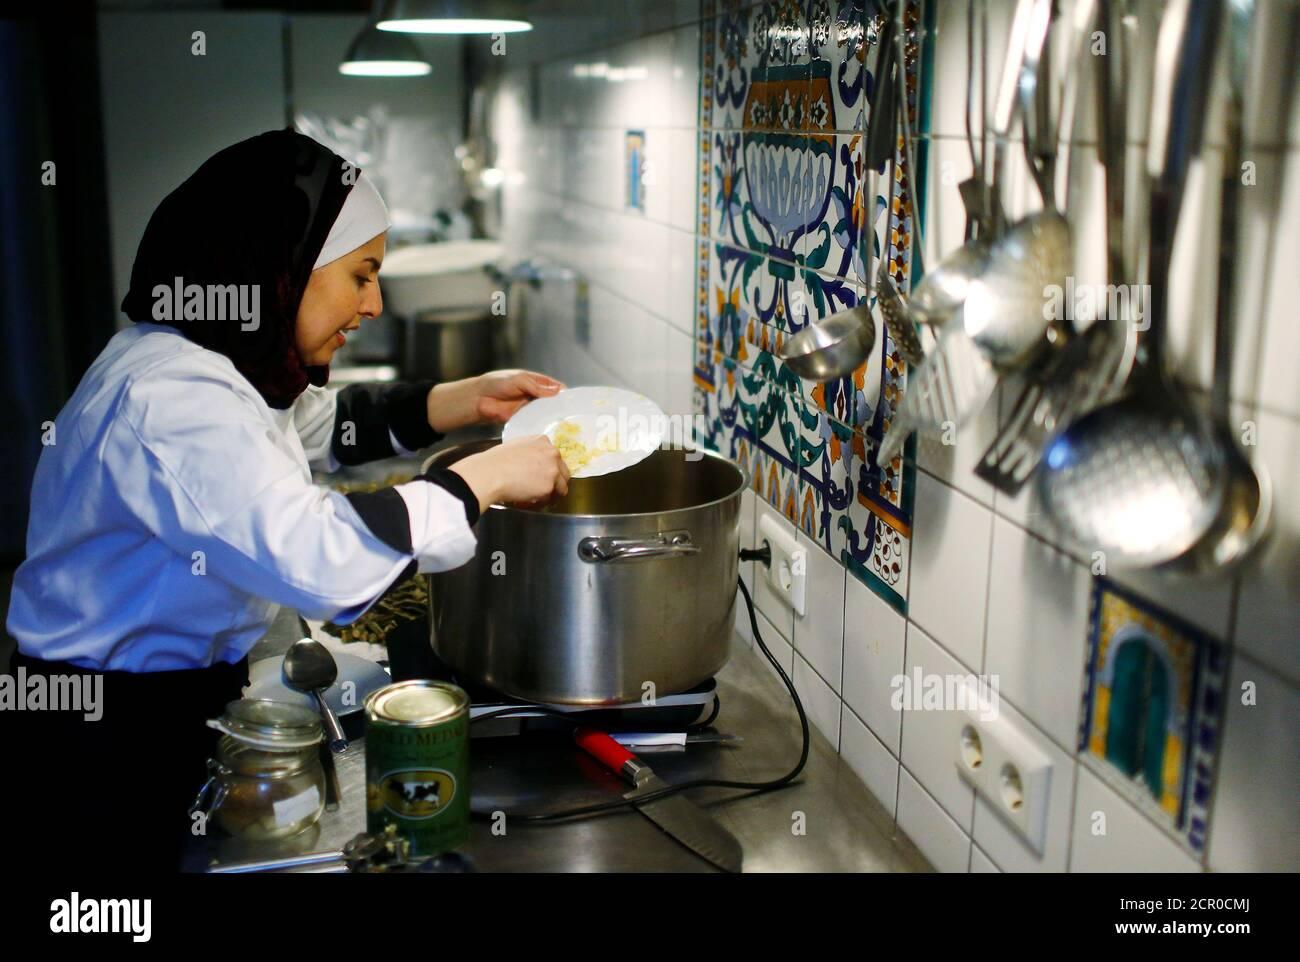 Der syrische Migrant Malakeh Jazmati kocht in einer Küche von Cafe in Berlin, Deutschland 23. Januar 2018. REUTERS/Hannibal Hanschke Stockfoto